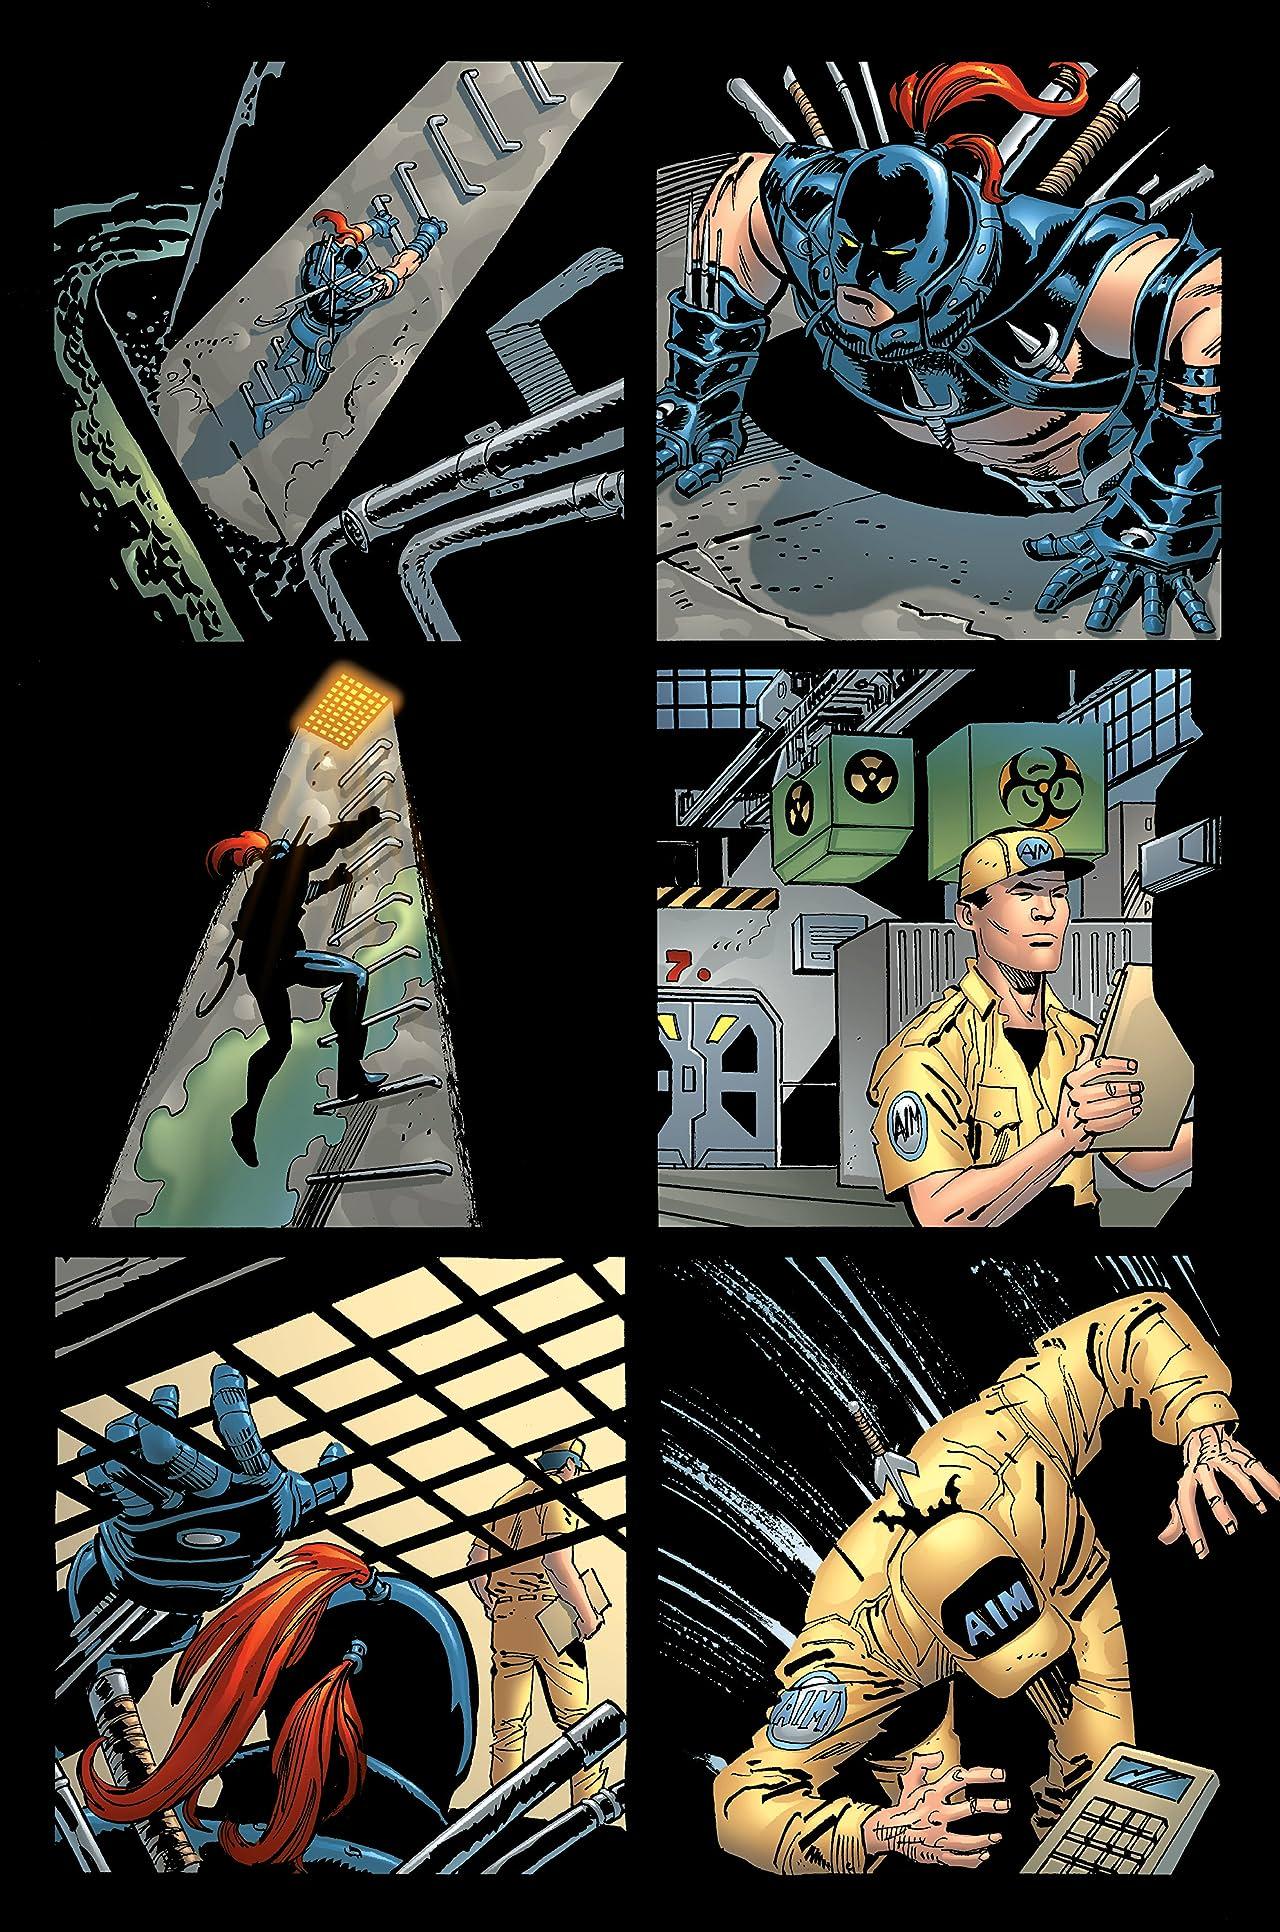 Marvel Knights #4